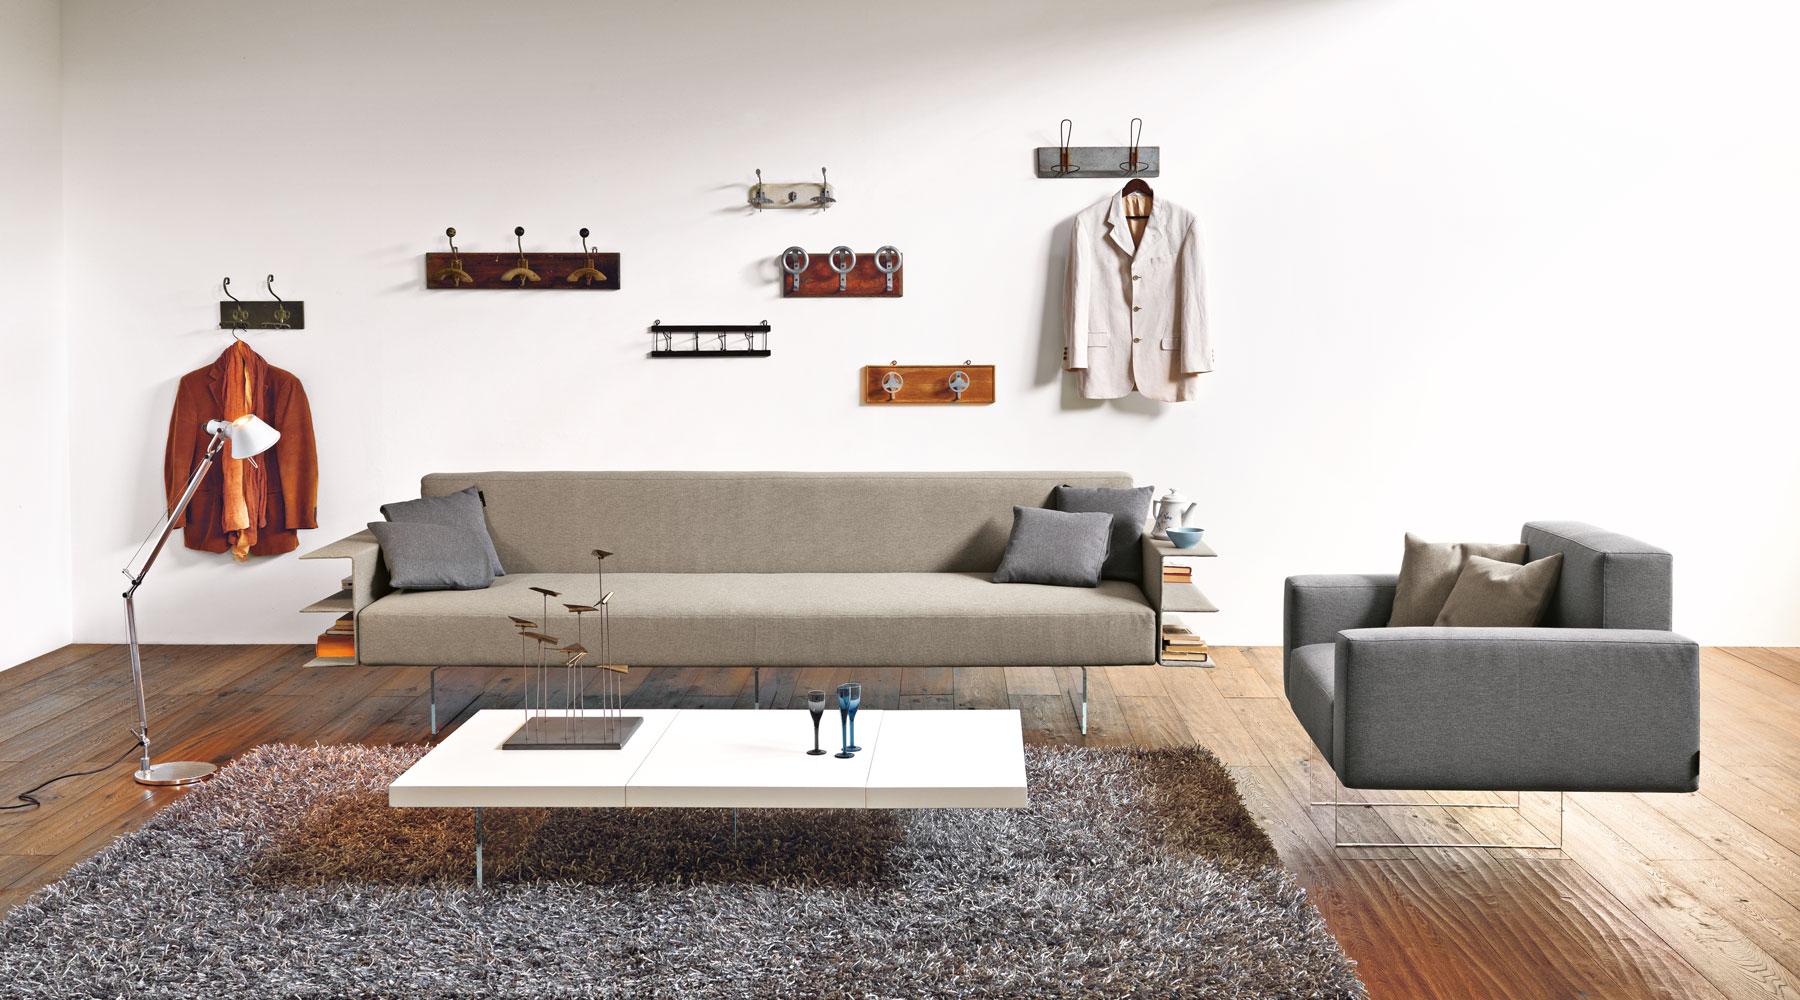 Delfanti arredamenti air divano for Listino prezzi lago arredamenti